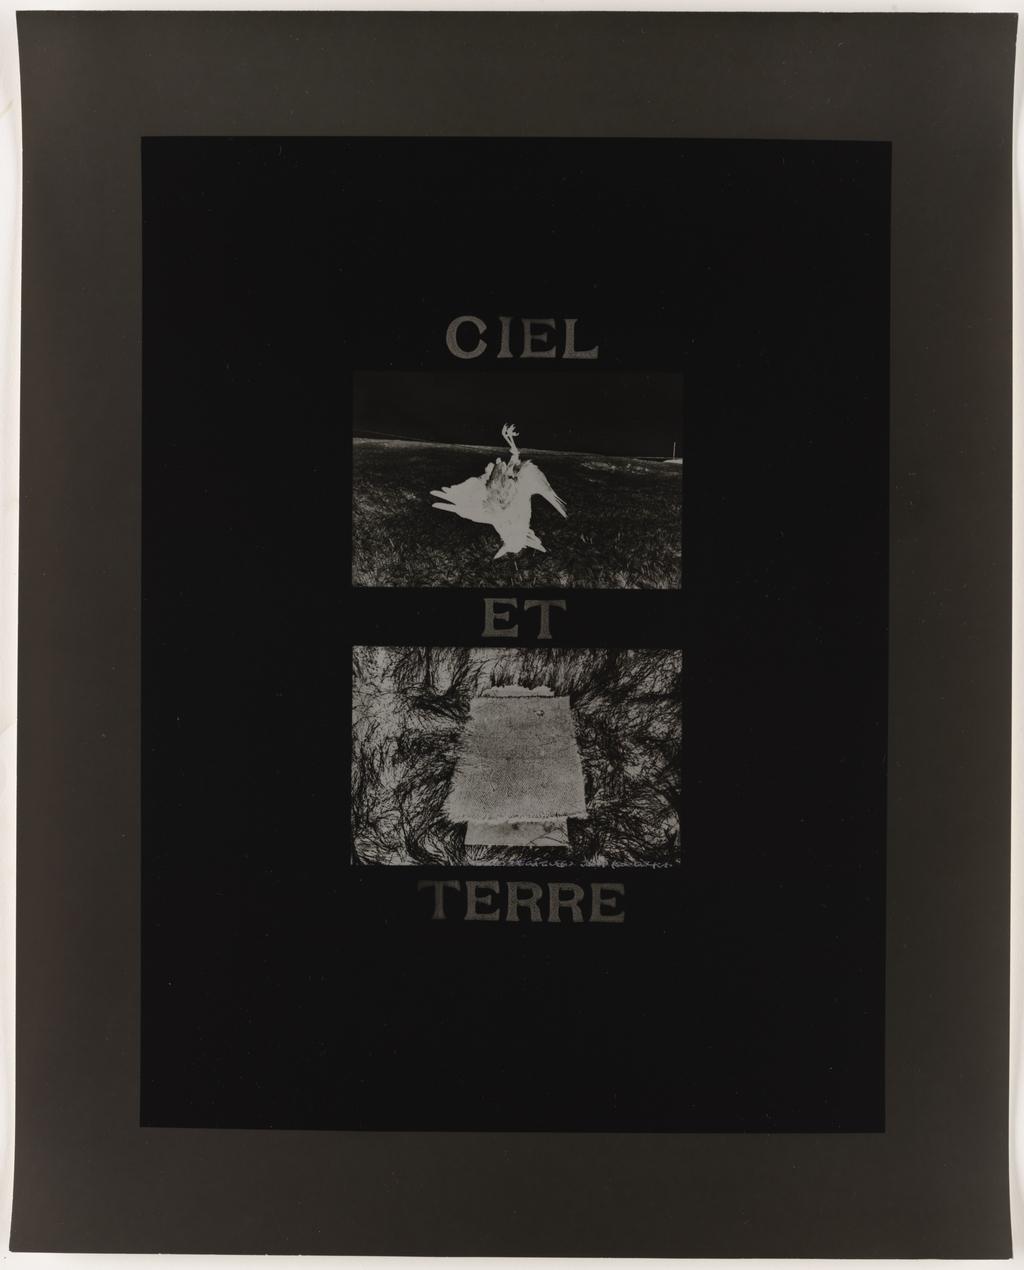 Images négatives : Josef Koudelka, extraits de l'album Photo poche, Paris, « Ciel et terre », 1988, de la série Les Tremblements du coeur, première séquence 3/8